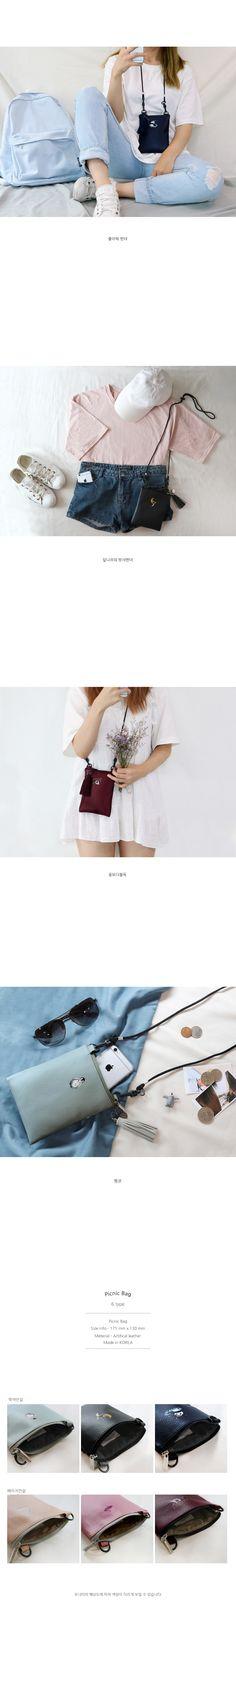 Picnic Bag - 6 color14,500원-디랩패션잡화, 가방, 크로스백, 인조가죽크로스백바보사랑Picnic Bag - 6 color14,500원-디랩패션잡화, 가방, 크로스백,…